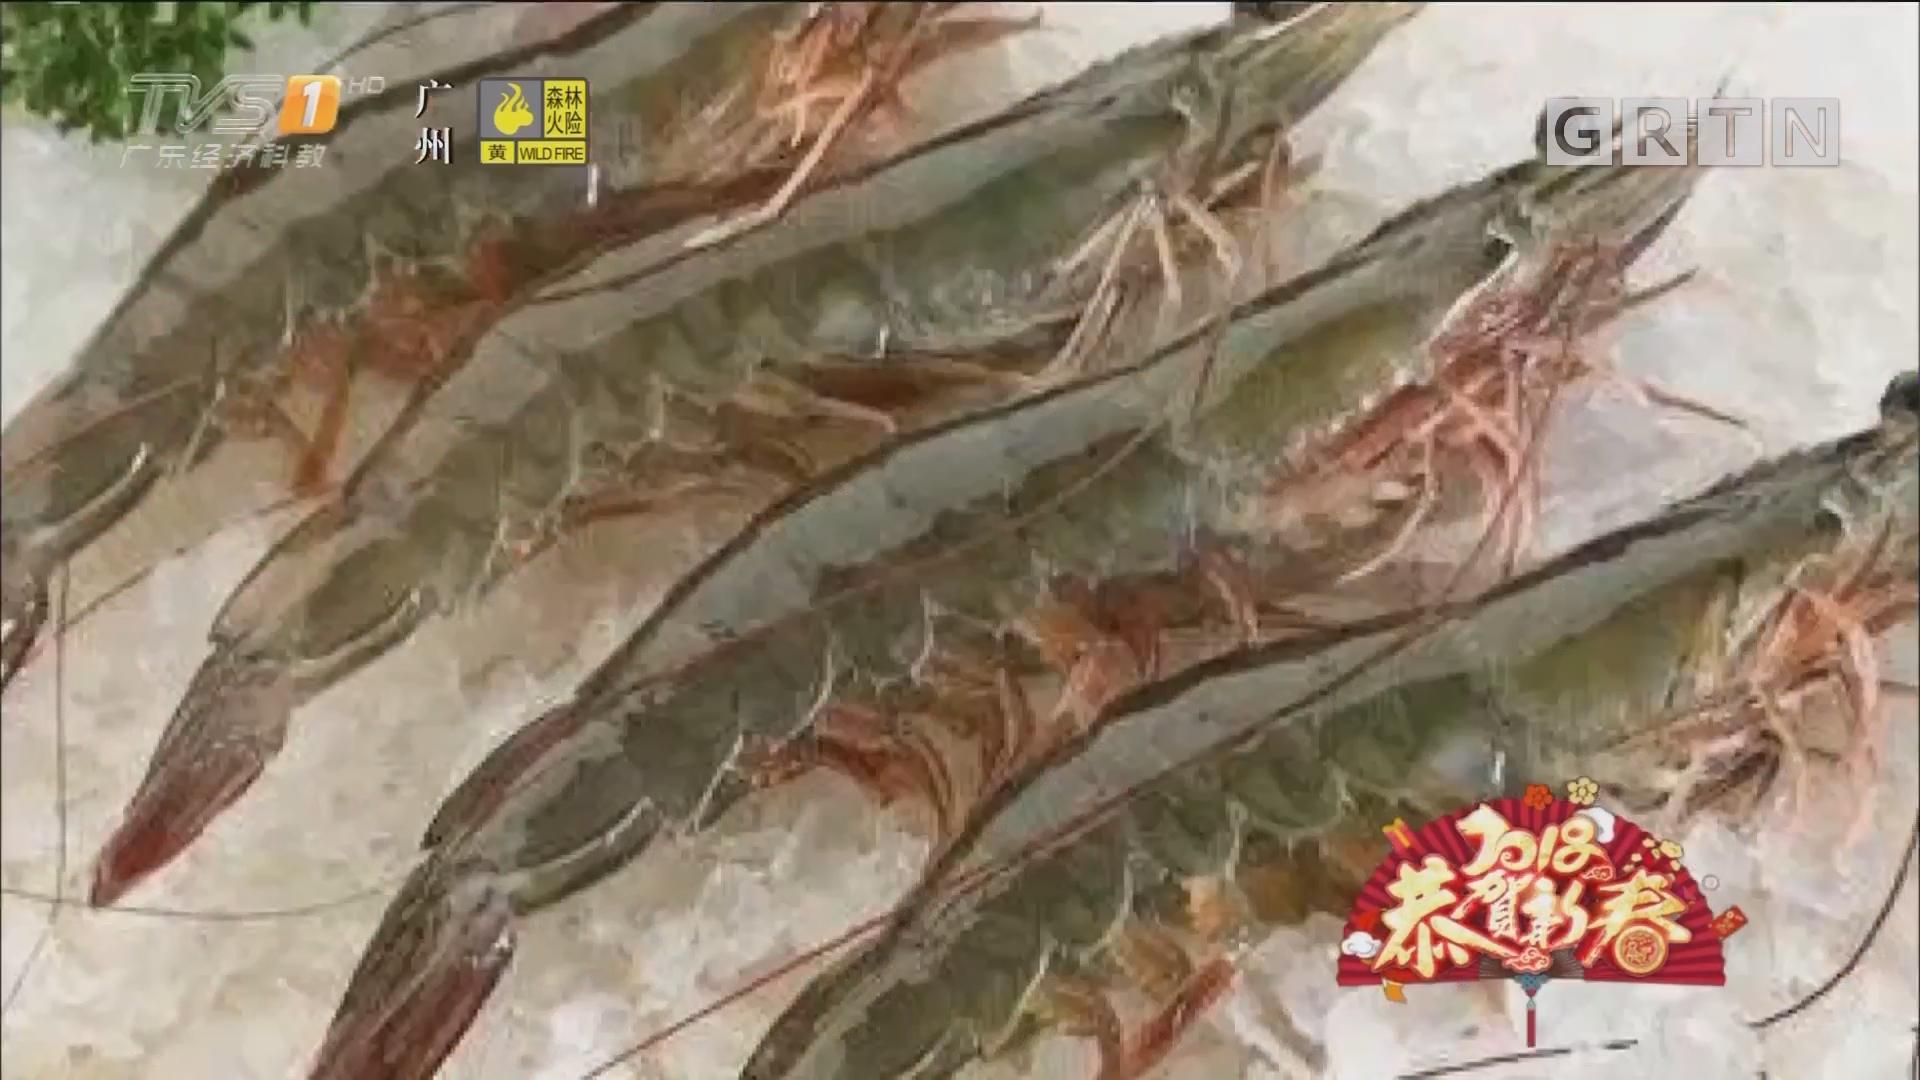 虾头变黑是因为含有重金属?